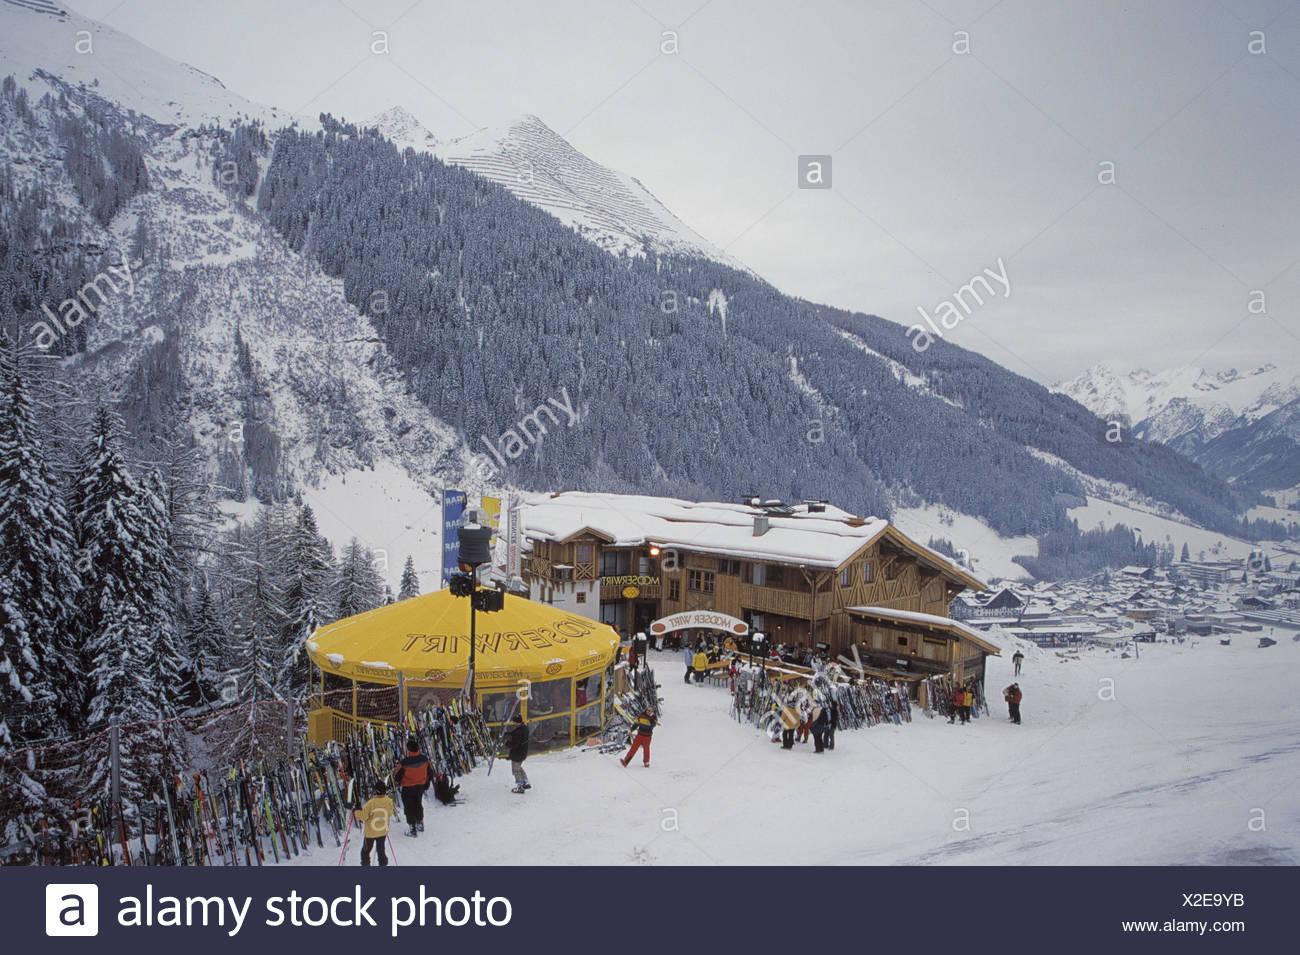 Austria, mountain Arl, St. Anton, ski hut, snow bar Mooserwirt, ski hut, Aprés ski, Apres ski, winter scenery, snow, mountain landscape, skis, put down, dusk, lighting, local view, skier, stop, call in Stock Photo